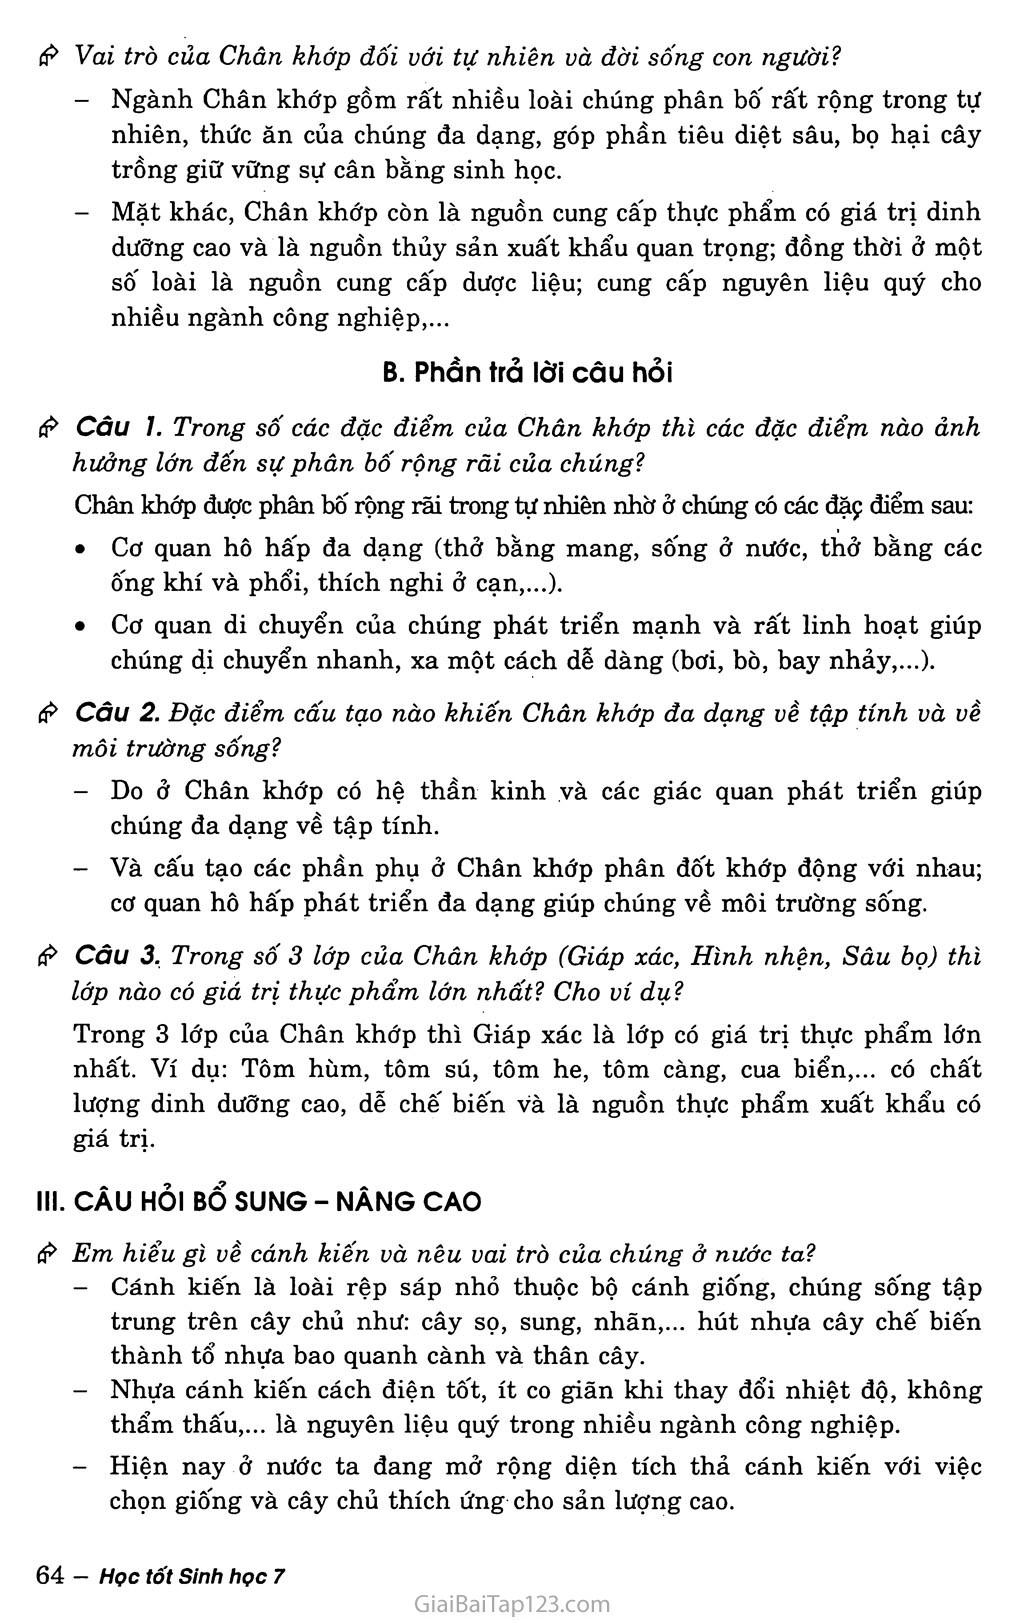 Bài 29: Đặc điểm chung và vai trò của ngành chân khớp trang 3